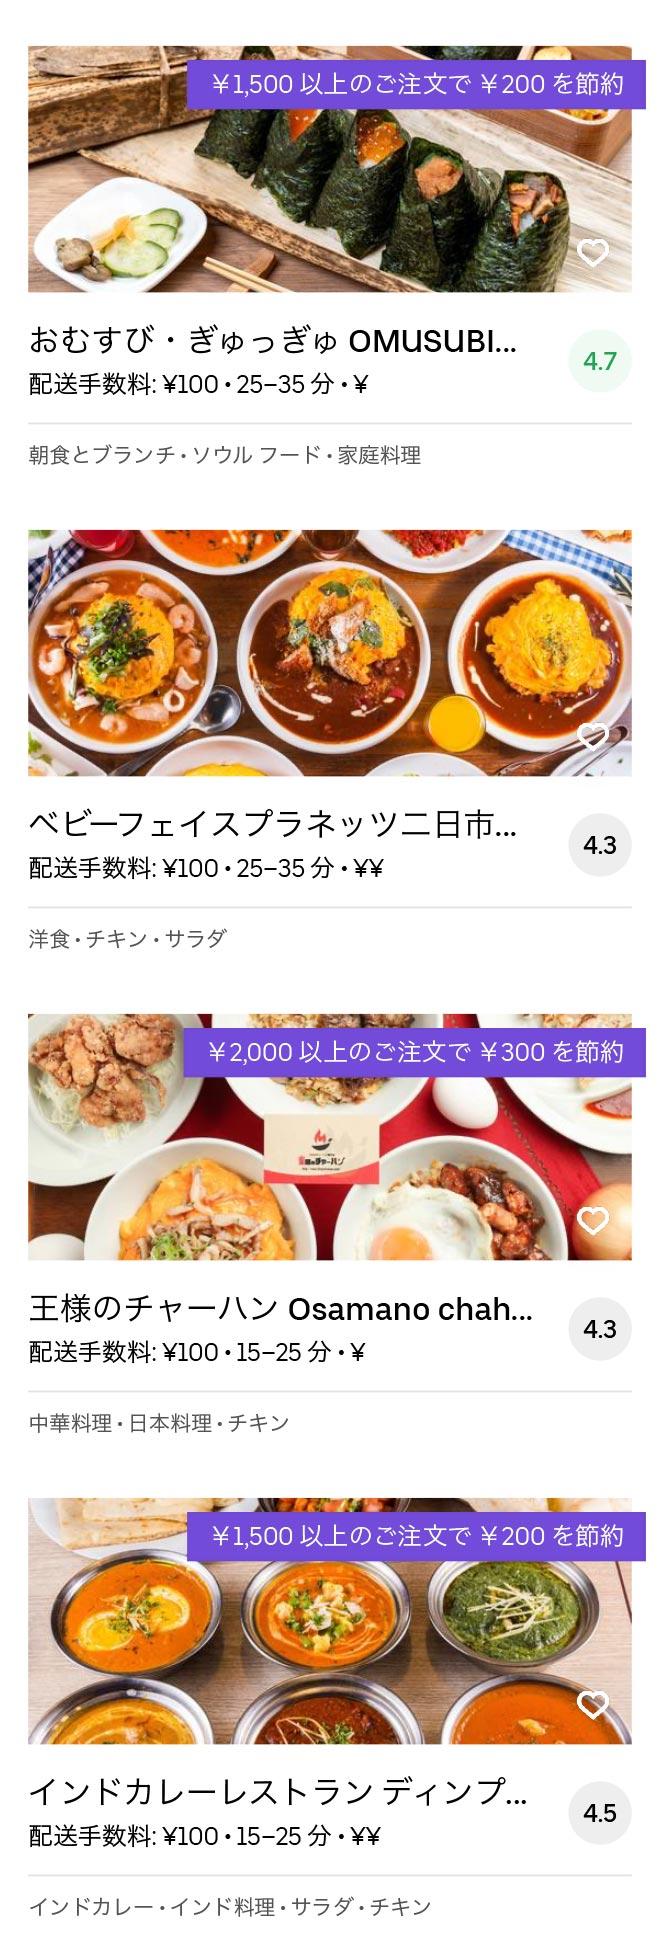 Tofuroumae menu 2004 02